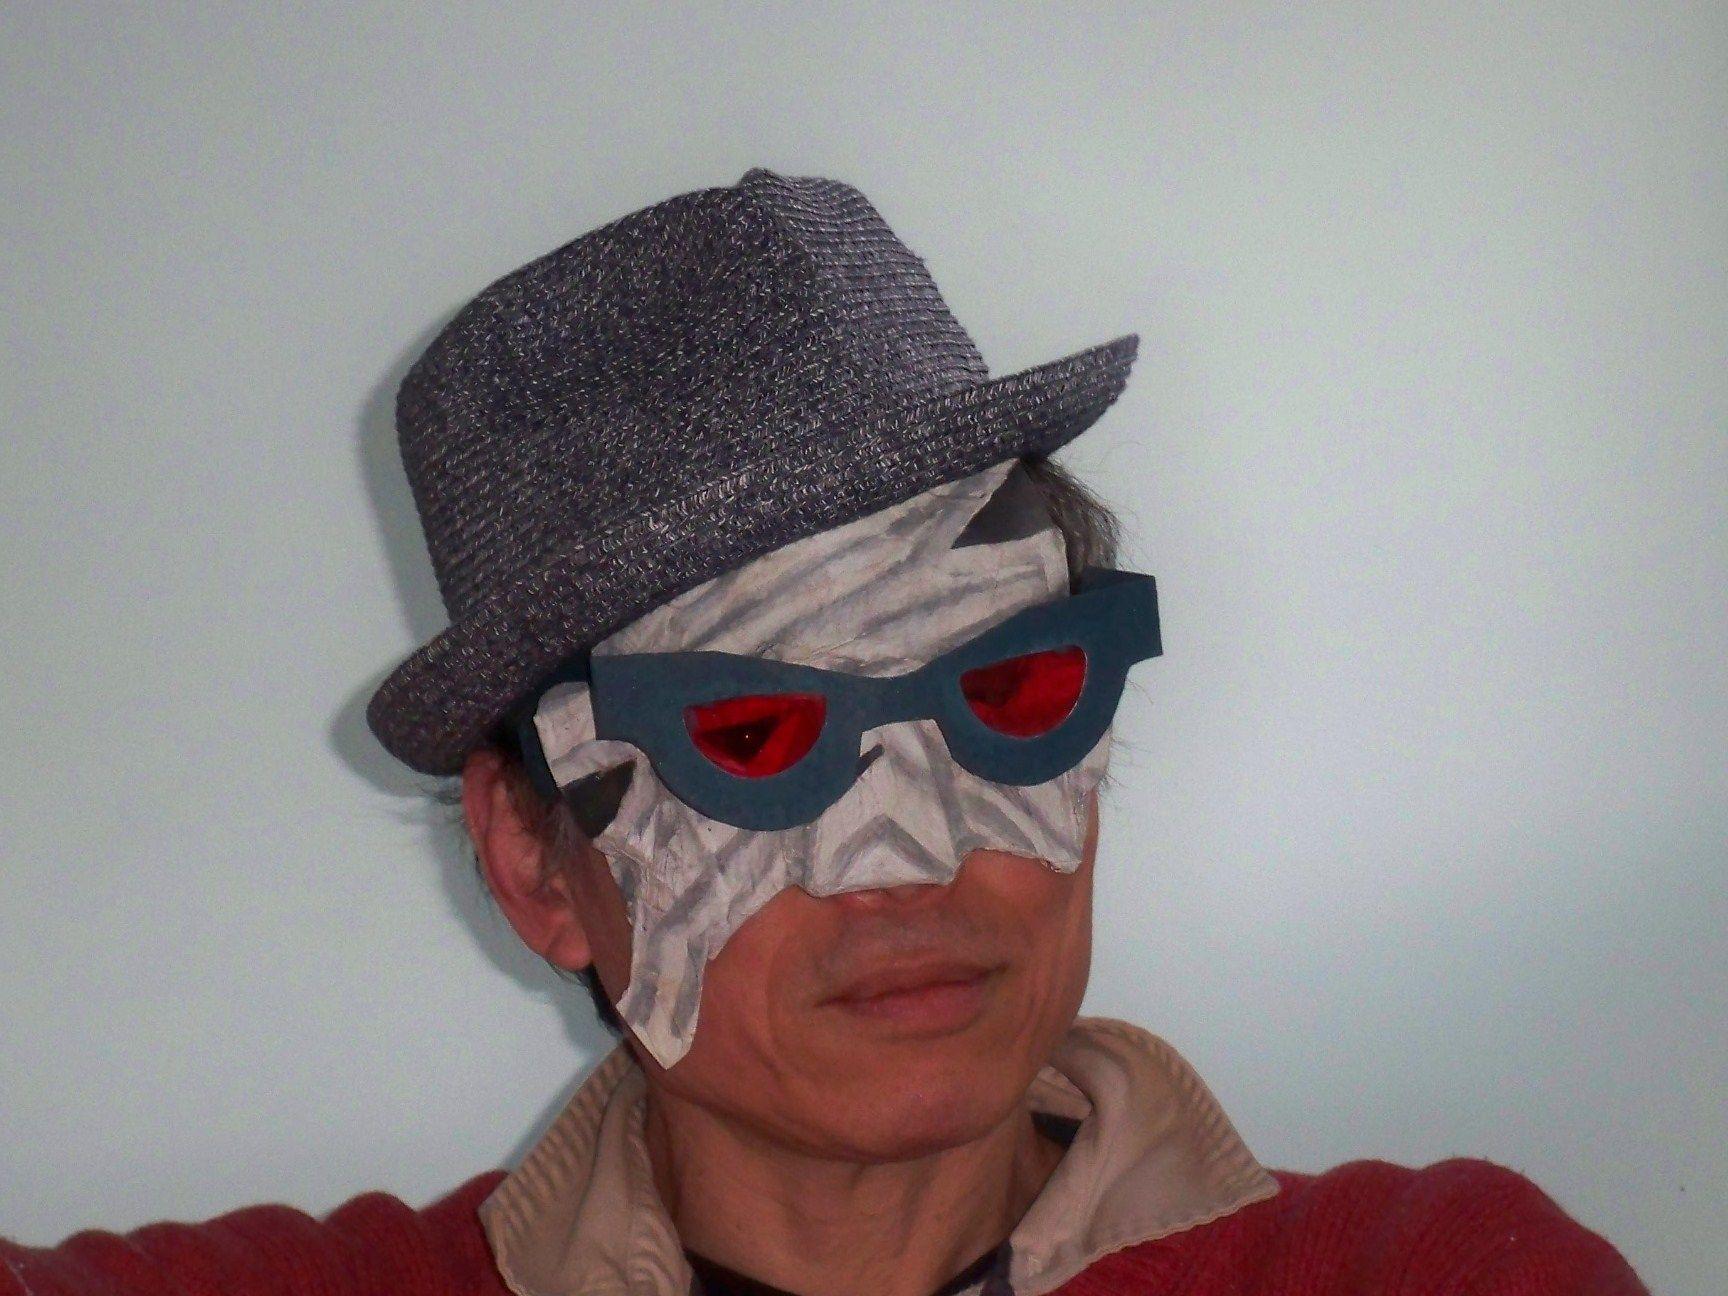 Invisible man mask made from Japanese paper plates (wasara) | Japanese paper animal masks | Pinterest | Paper animals and Animal masks  sc 1 st  Pinterest & Invisible man mask made from Japanese paper plates (wasara ...